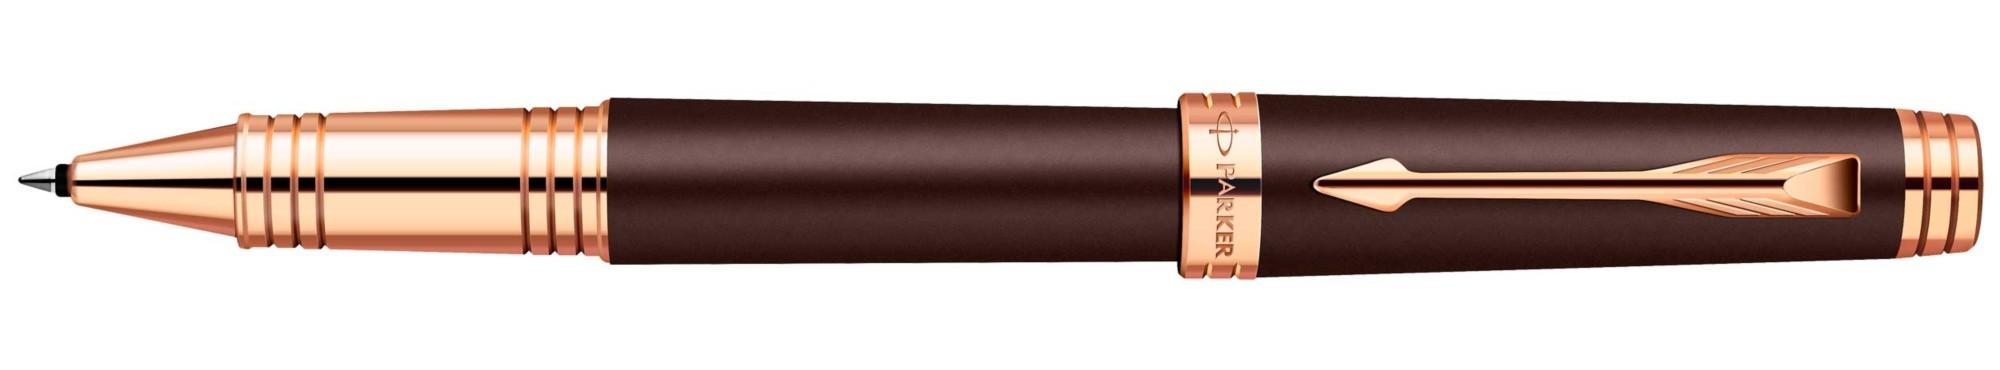 Ручка-роллер Parker Premier Soft T560 Brown PGT